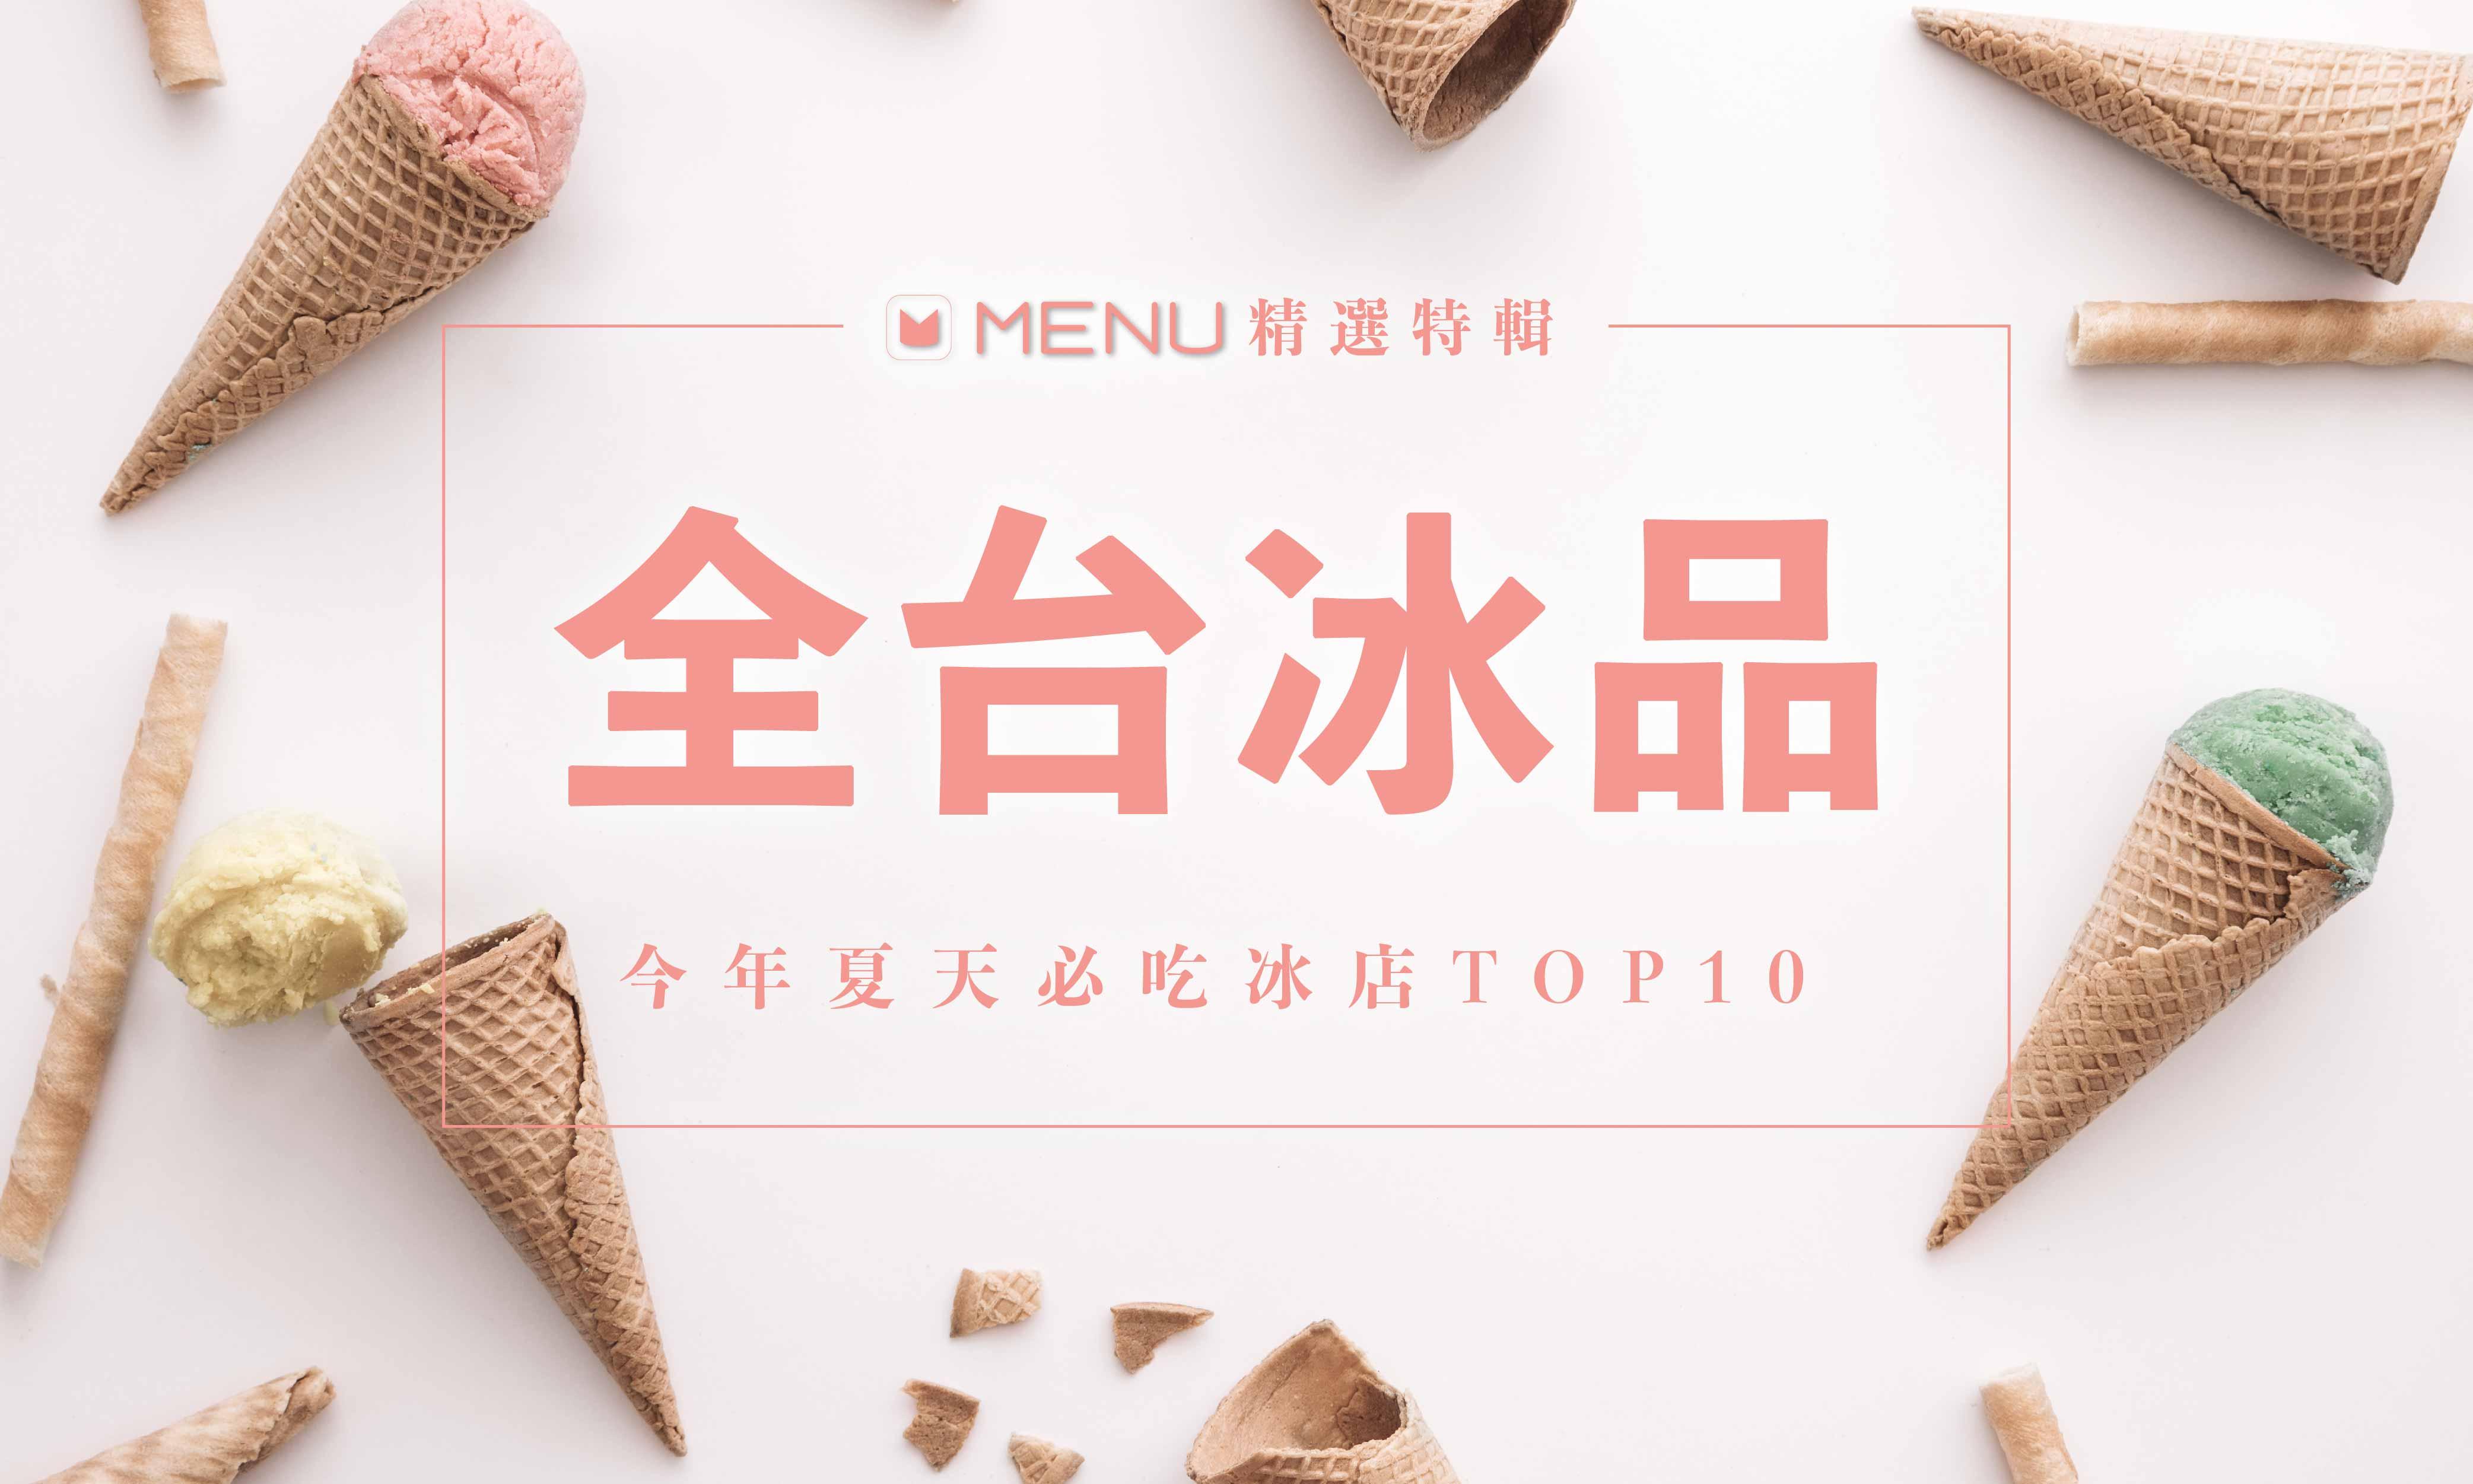 日頭赤炎炎,全台冰品TOP10讓你沁涼一夏!